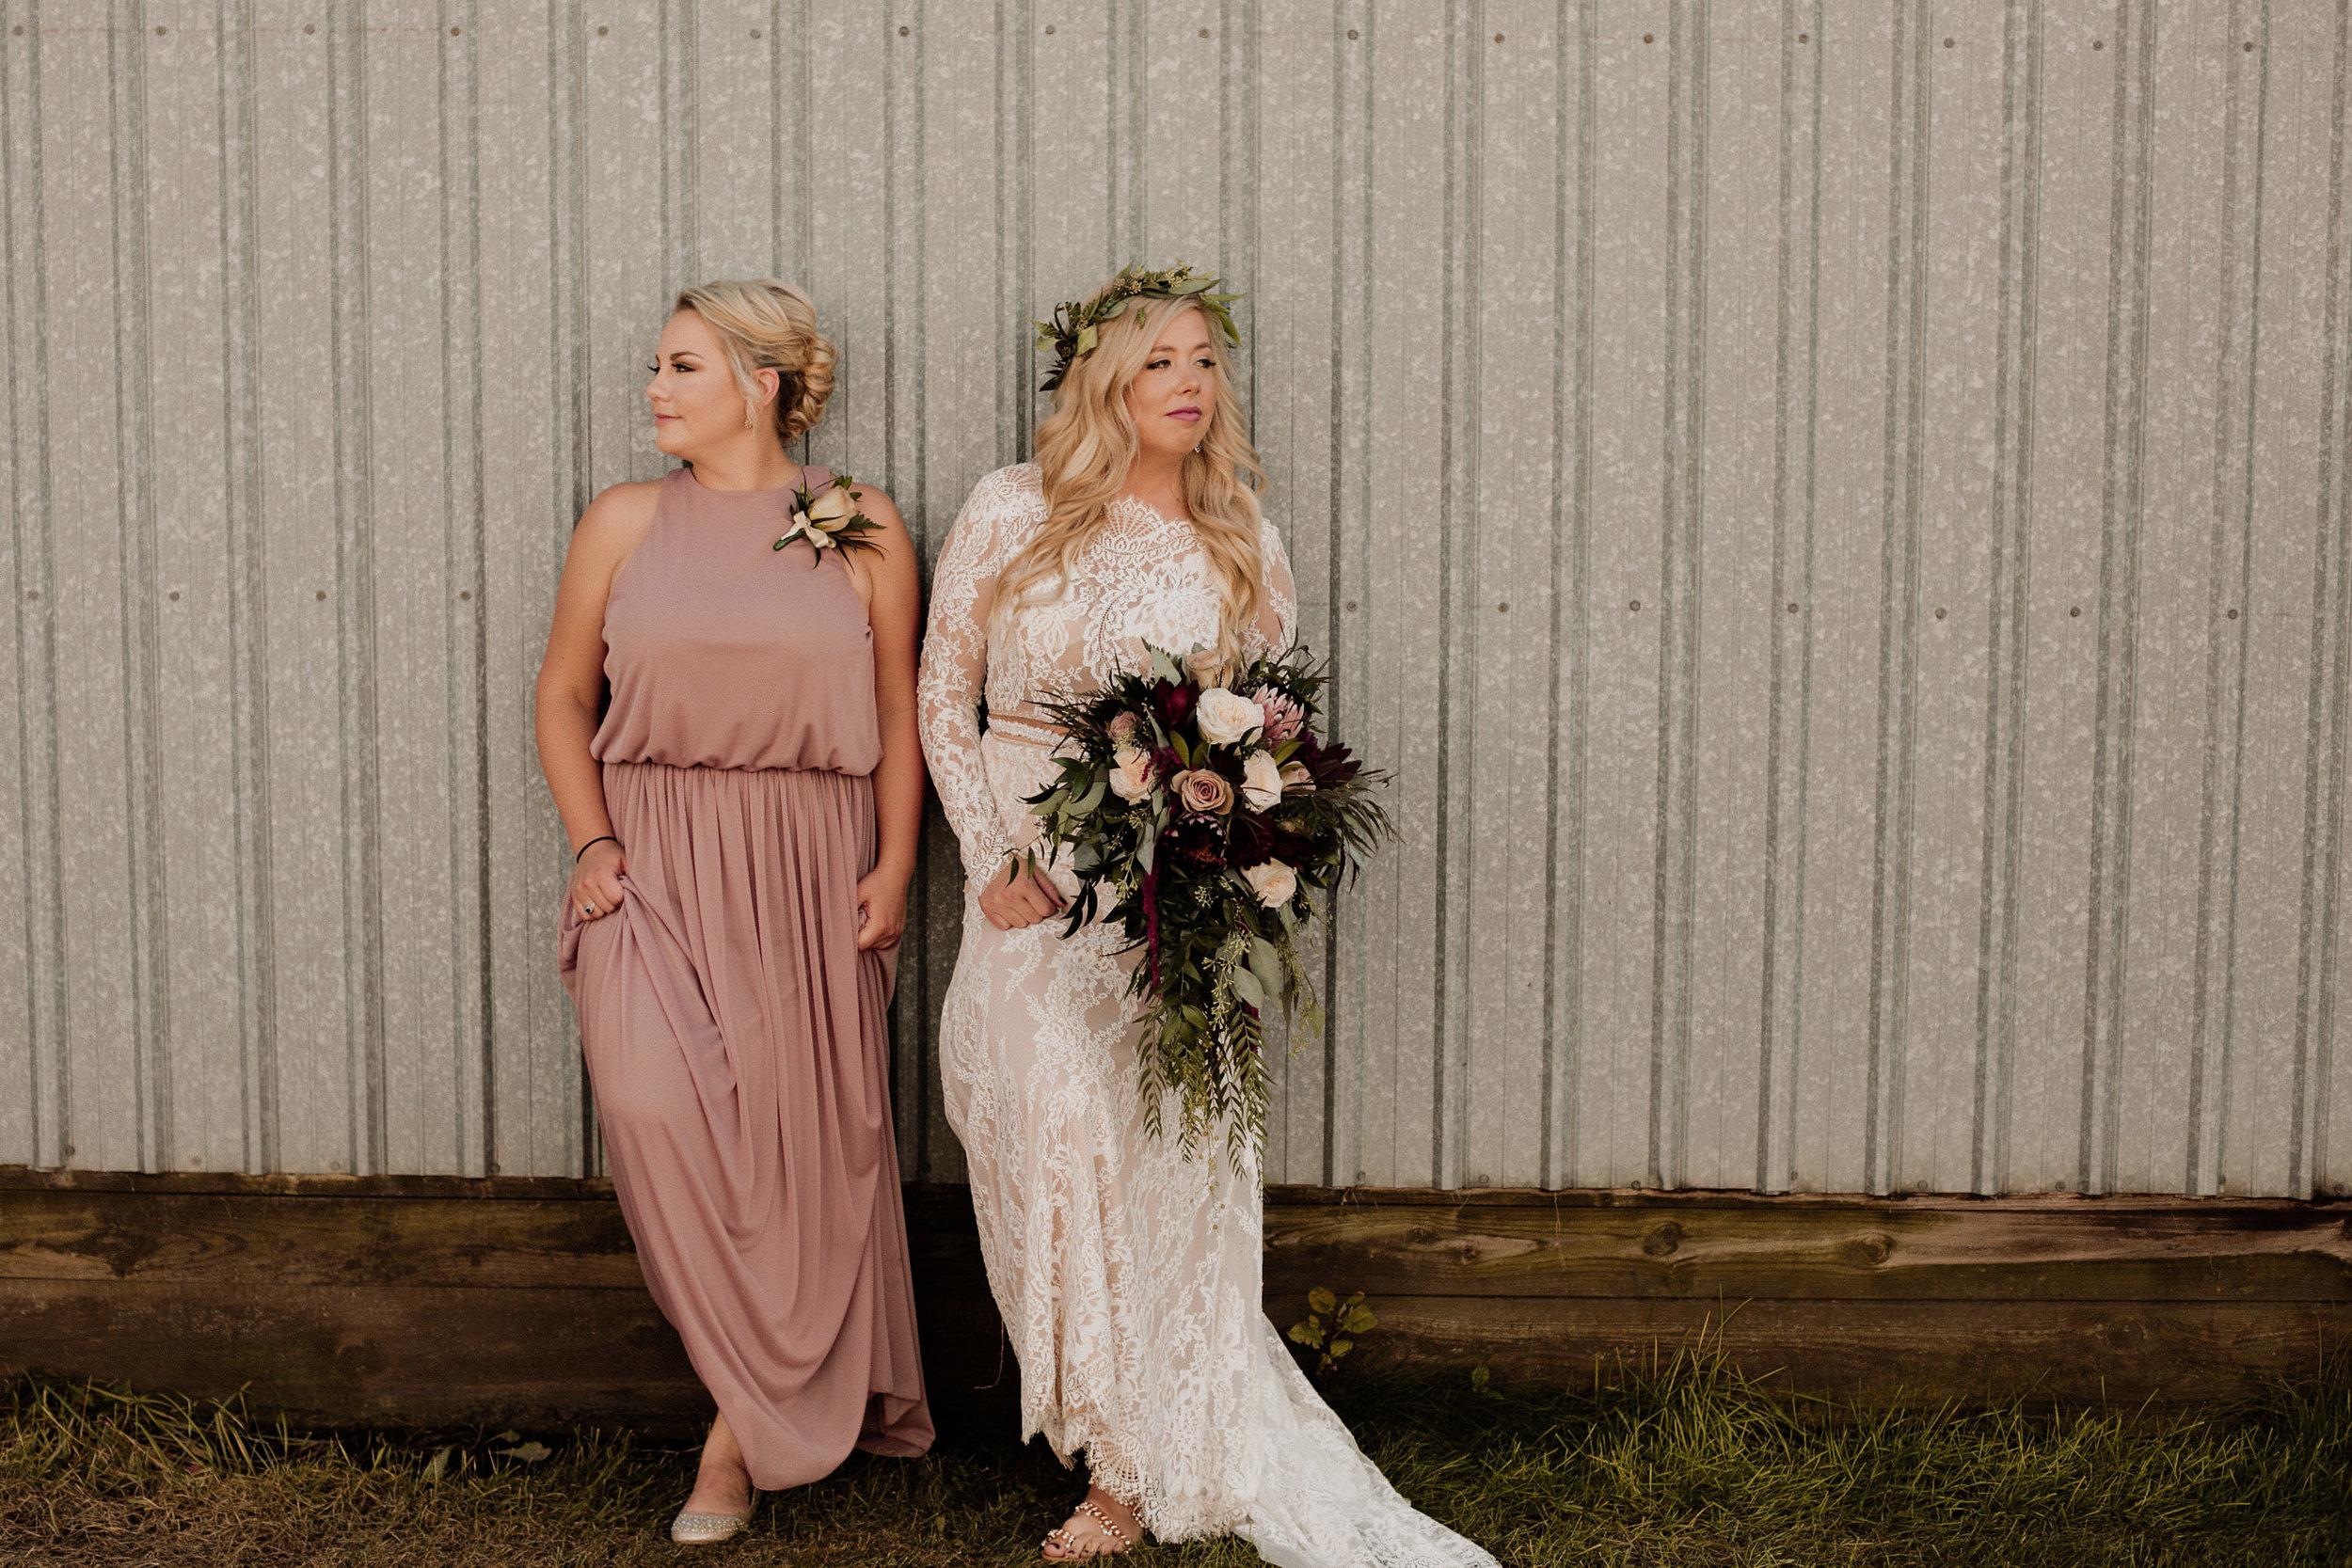 Skylar+Brock_Wedding_TonyaHjortPhotography-427.jpg